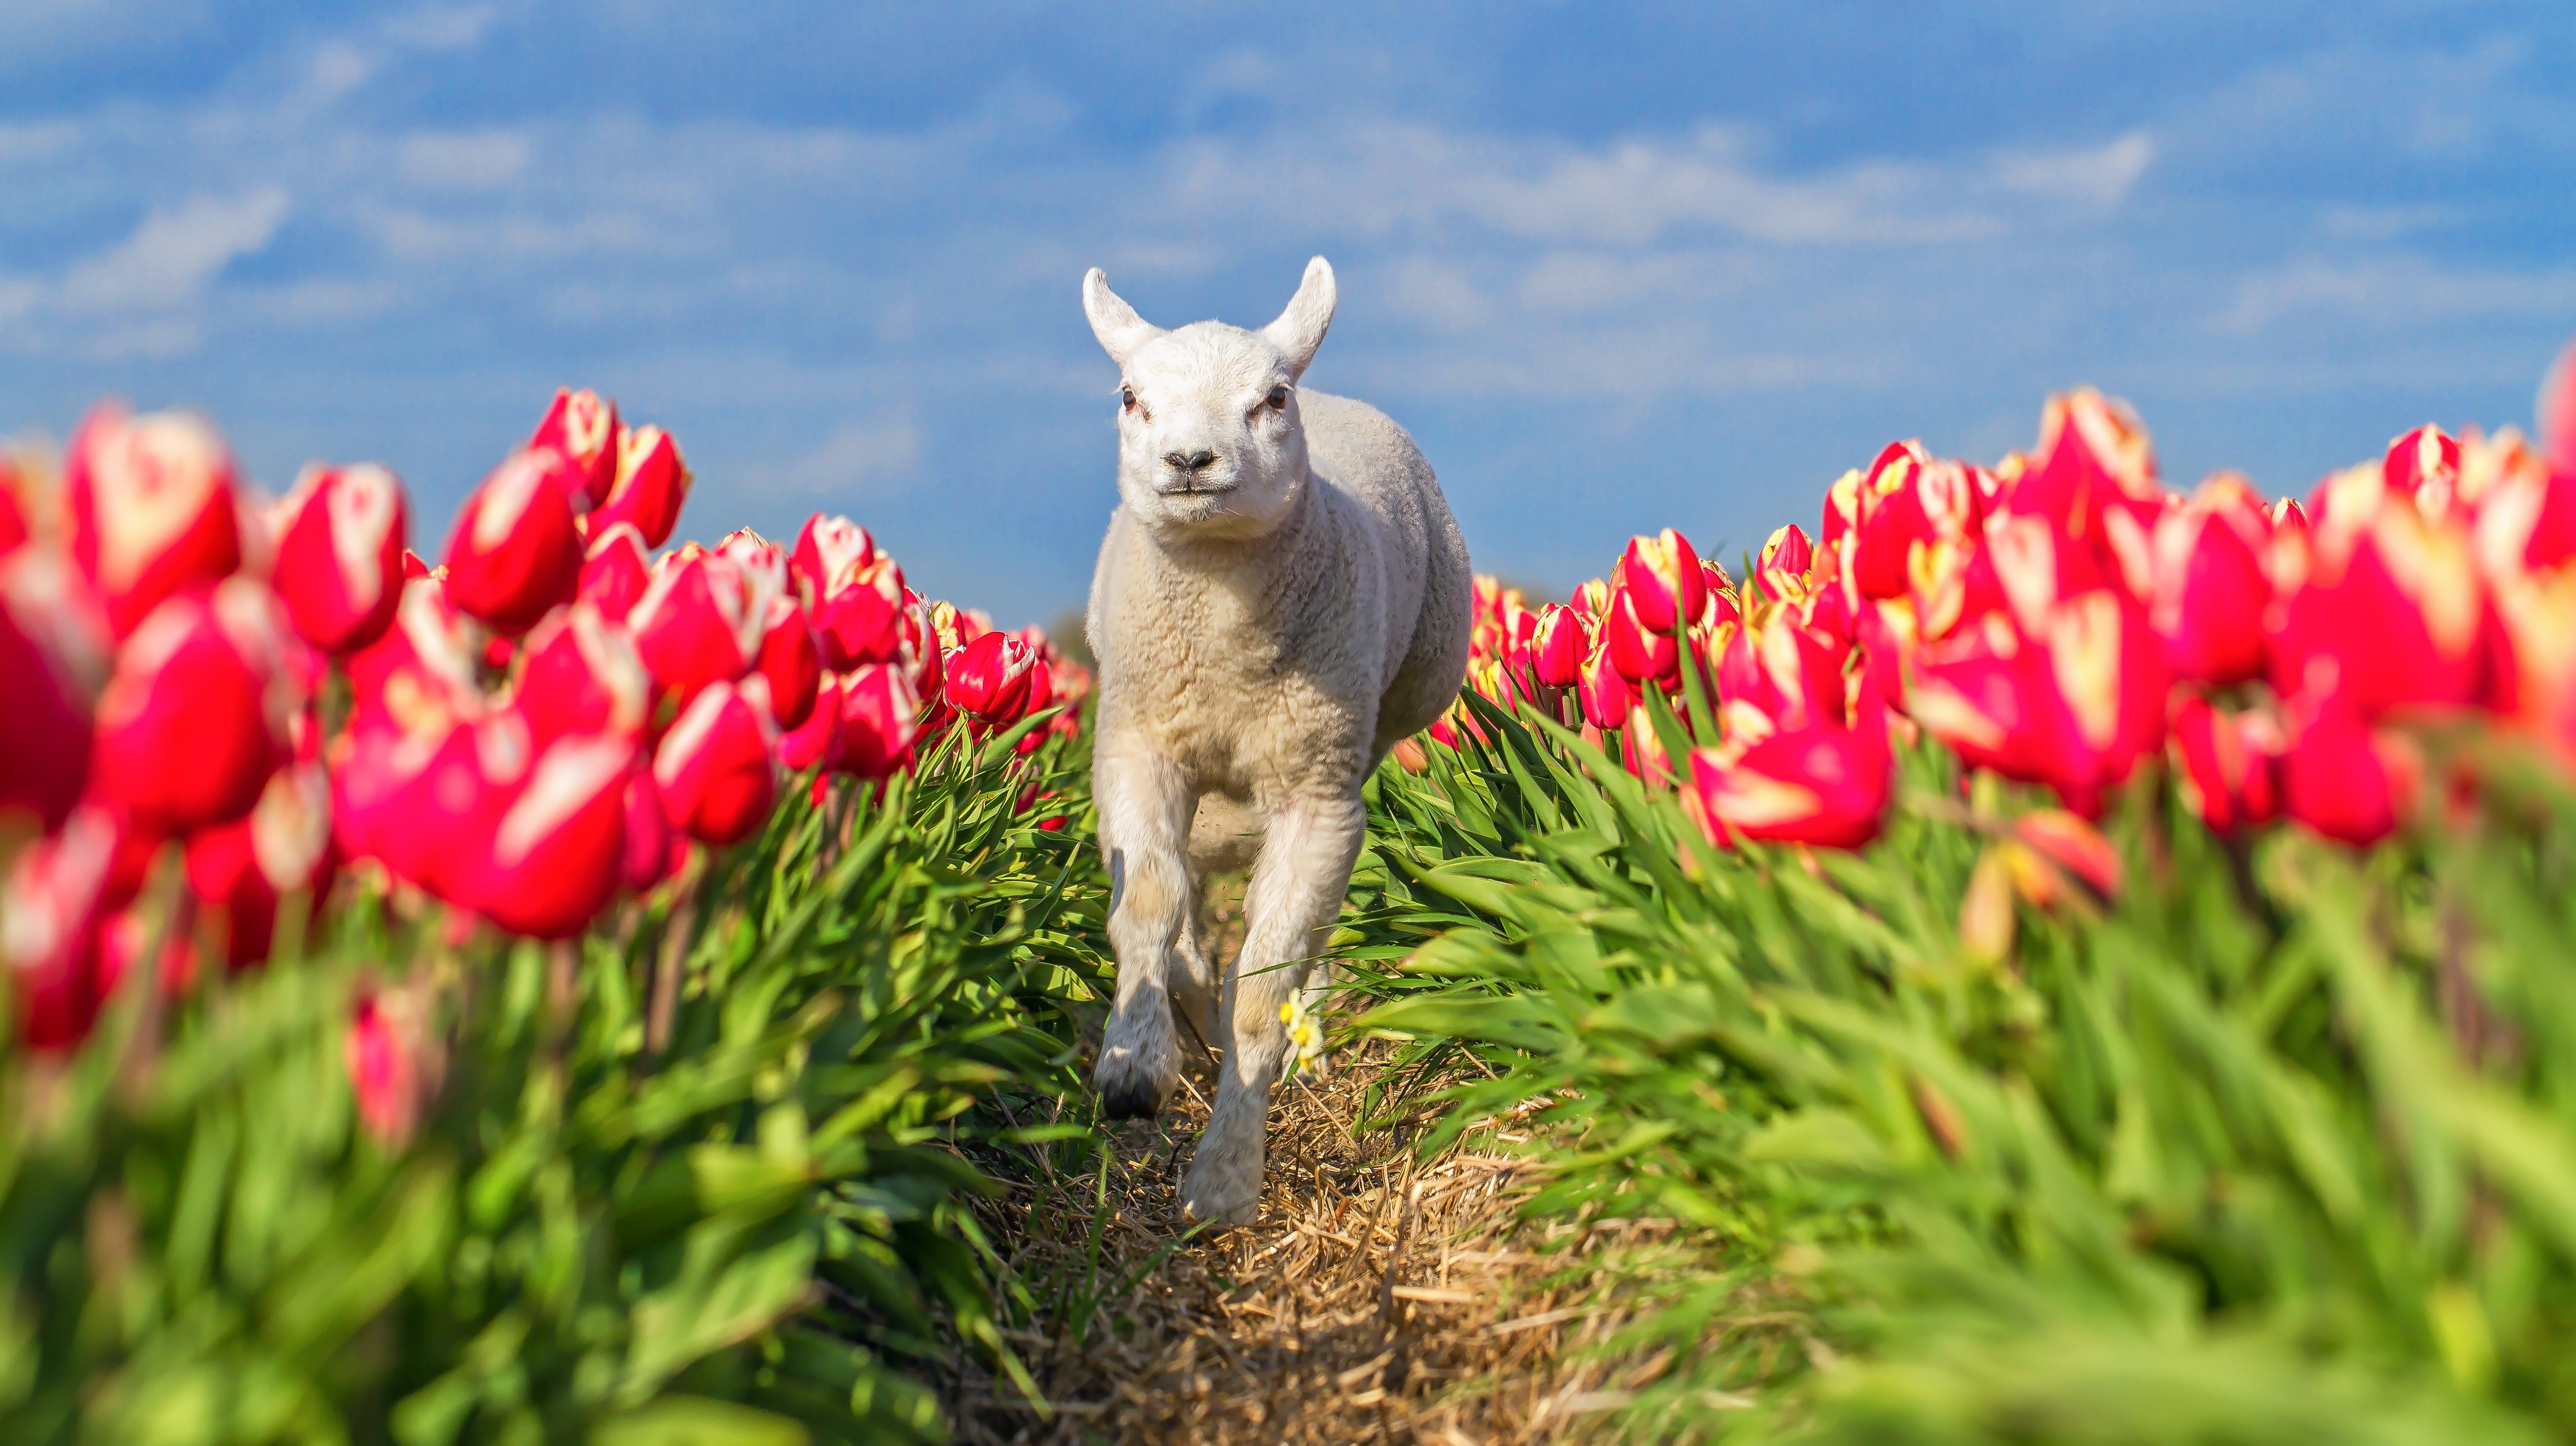 Lammetje rent door tulpenveld VVV Texel fotograaf Justin Sinner